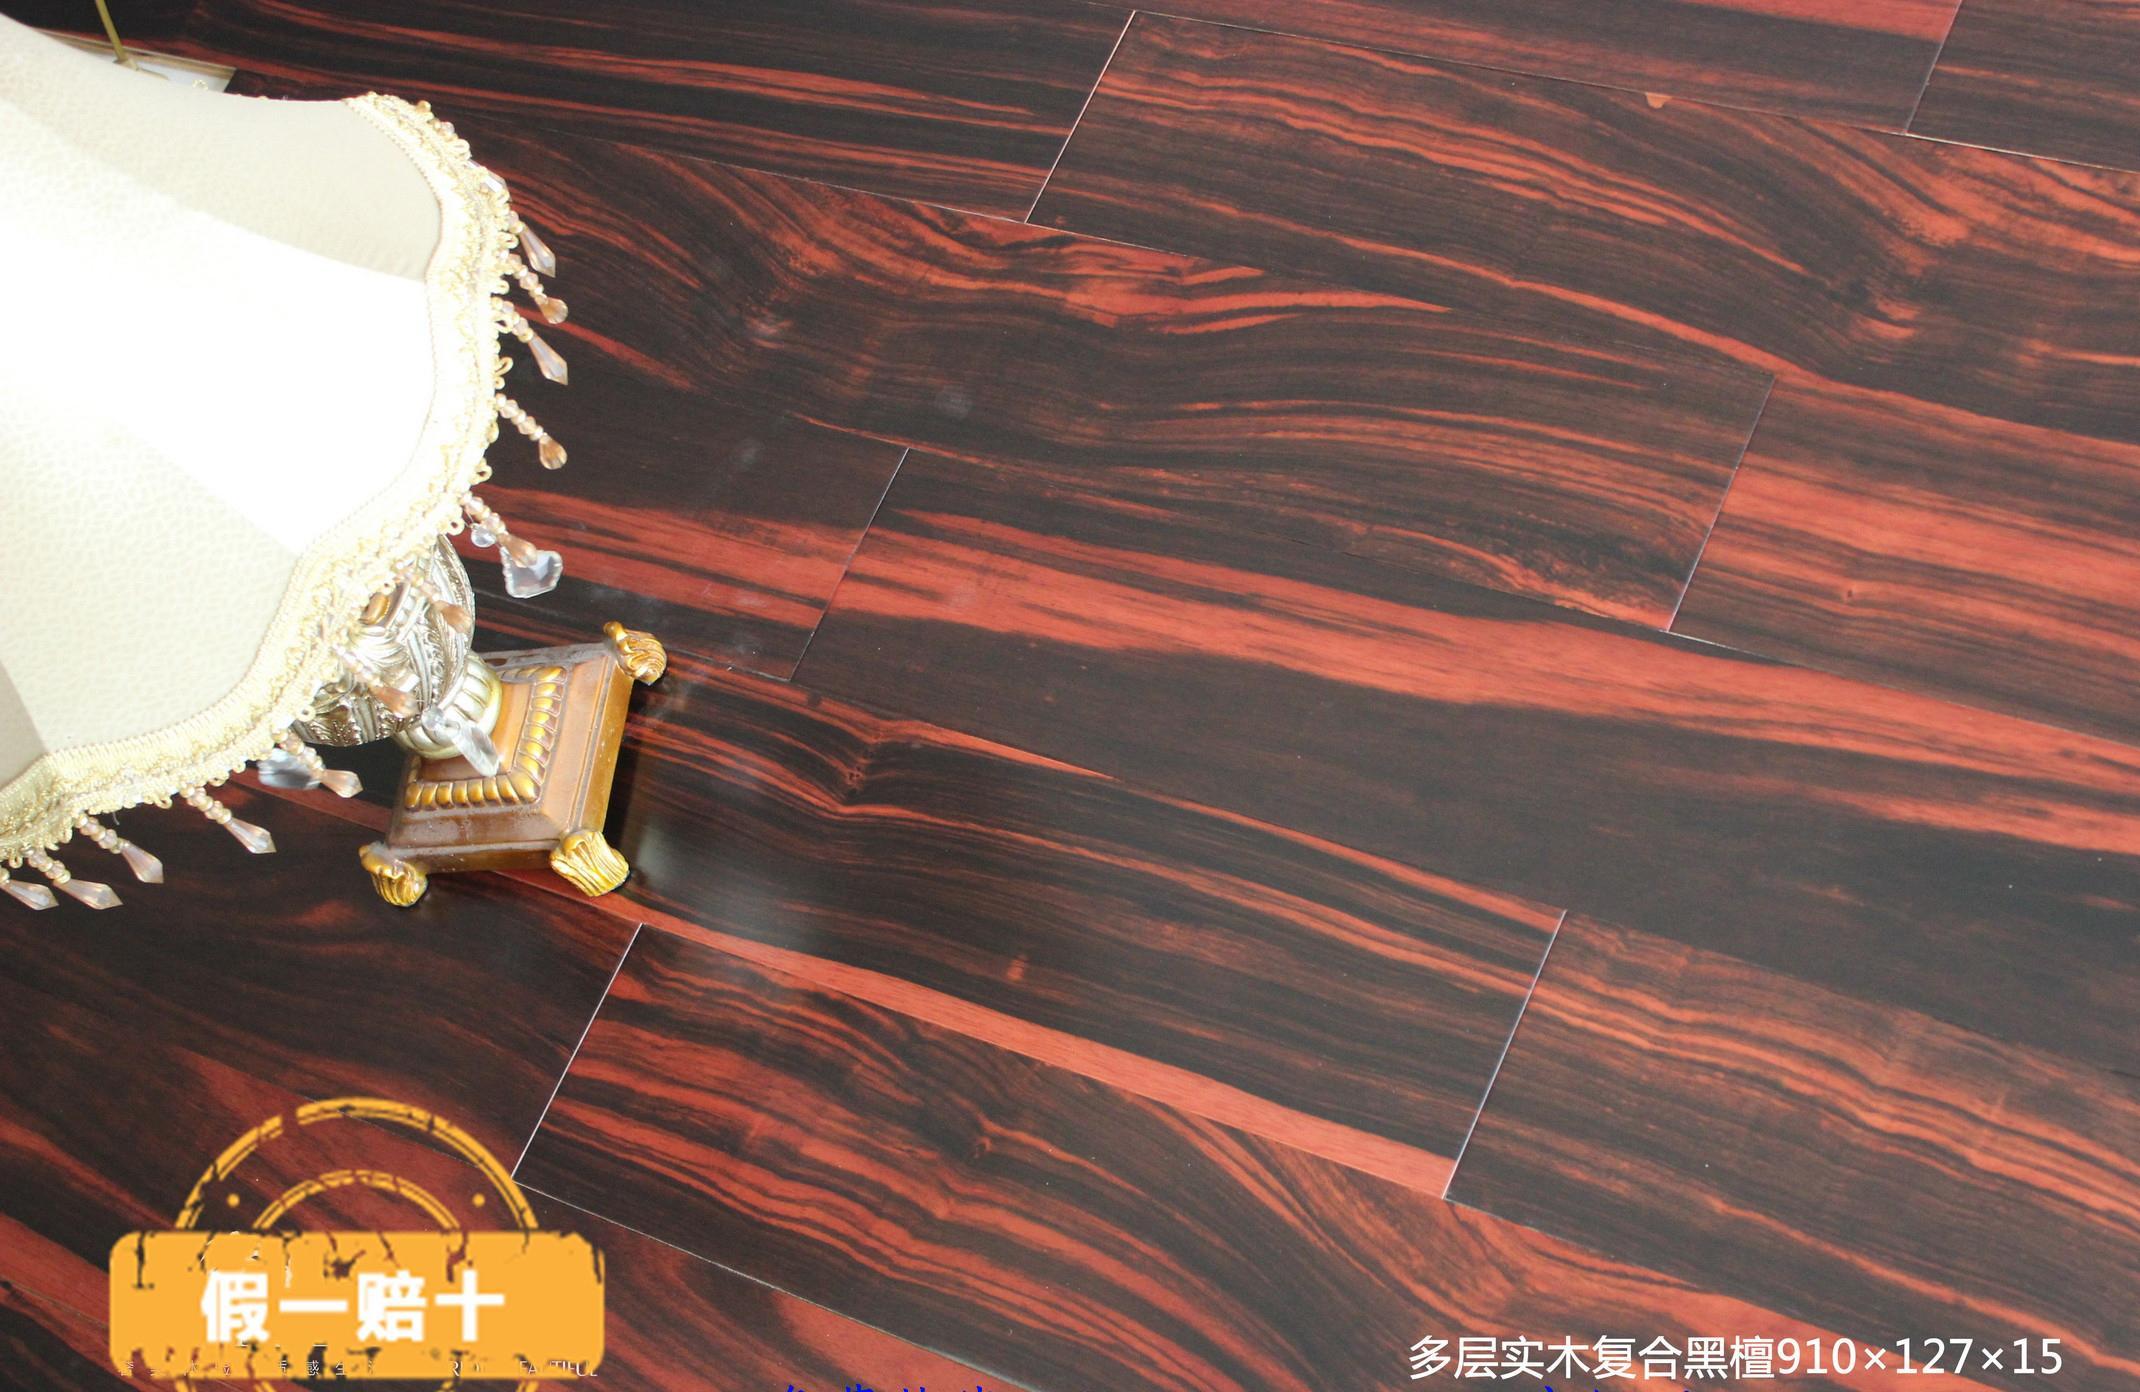 生产加工黑檀复合地板 多层黑檀实木地板